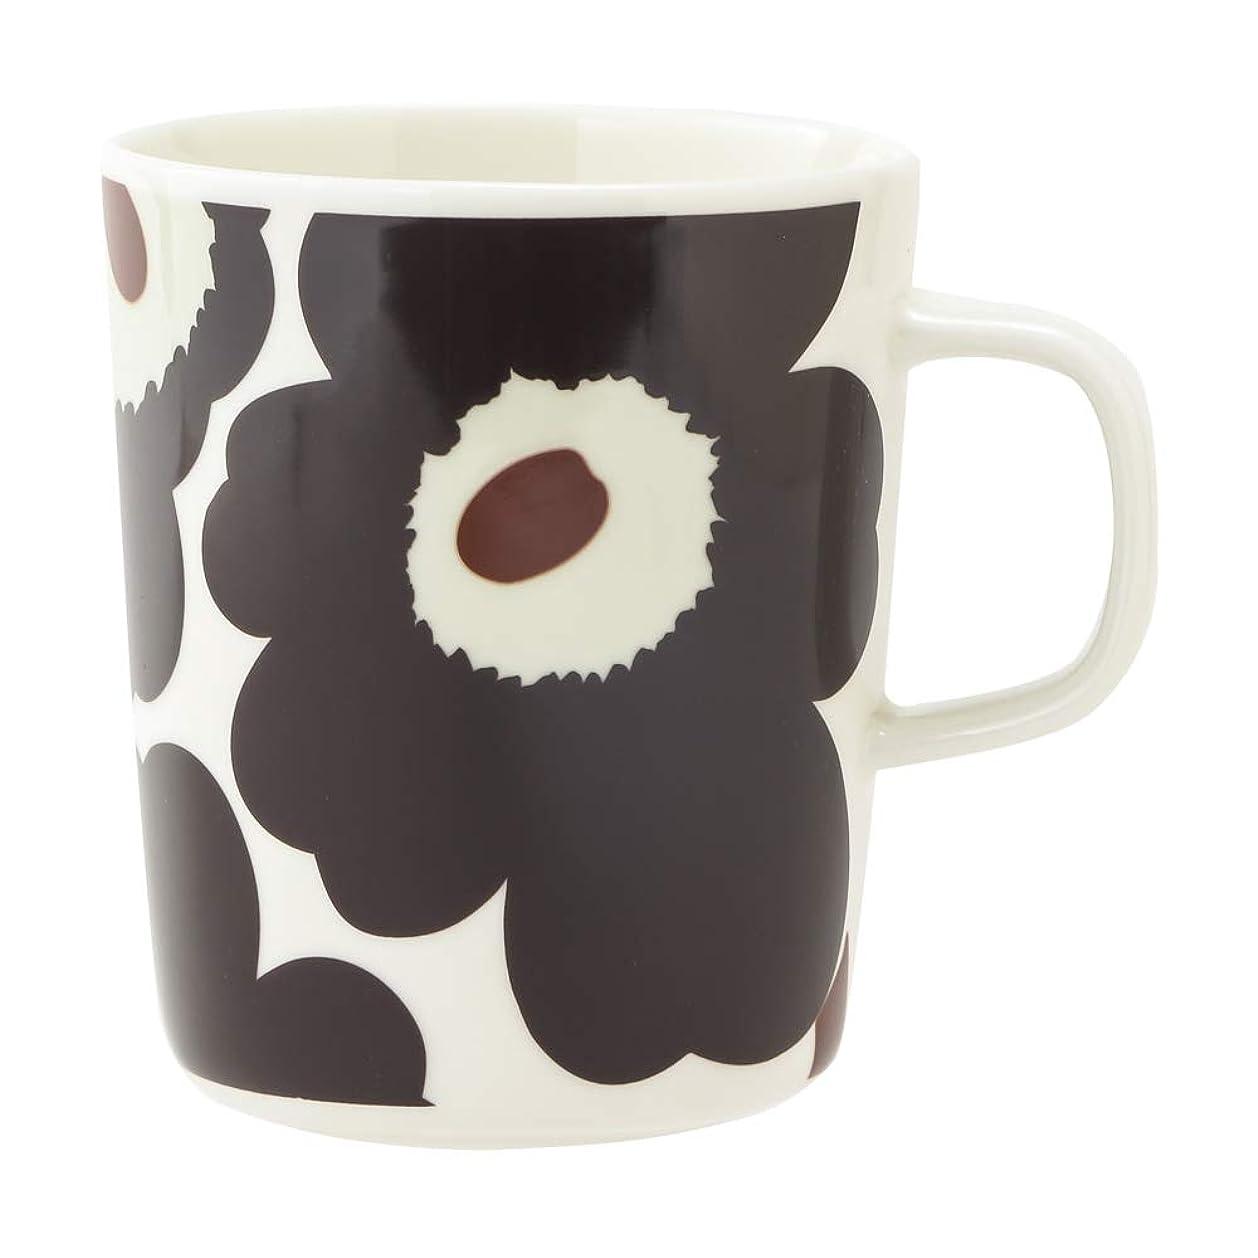 樹皮被害者合理化マリメッコ マグカップ ウニッコ Oiva/Unico Mug (カラー:dark brown, brown, beige) Marimekko [並行輸入品]